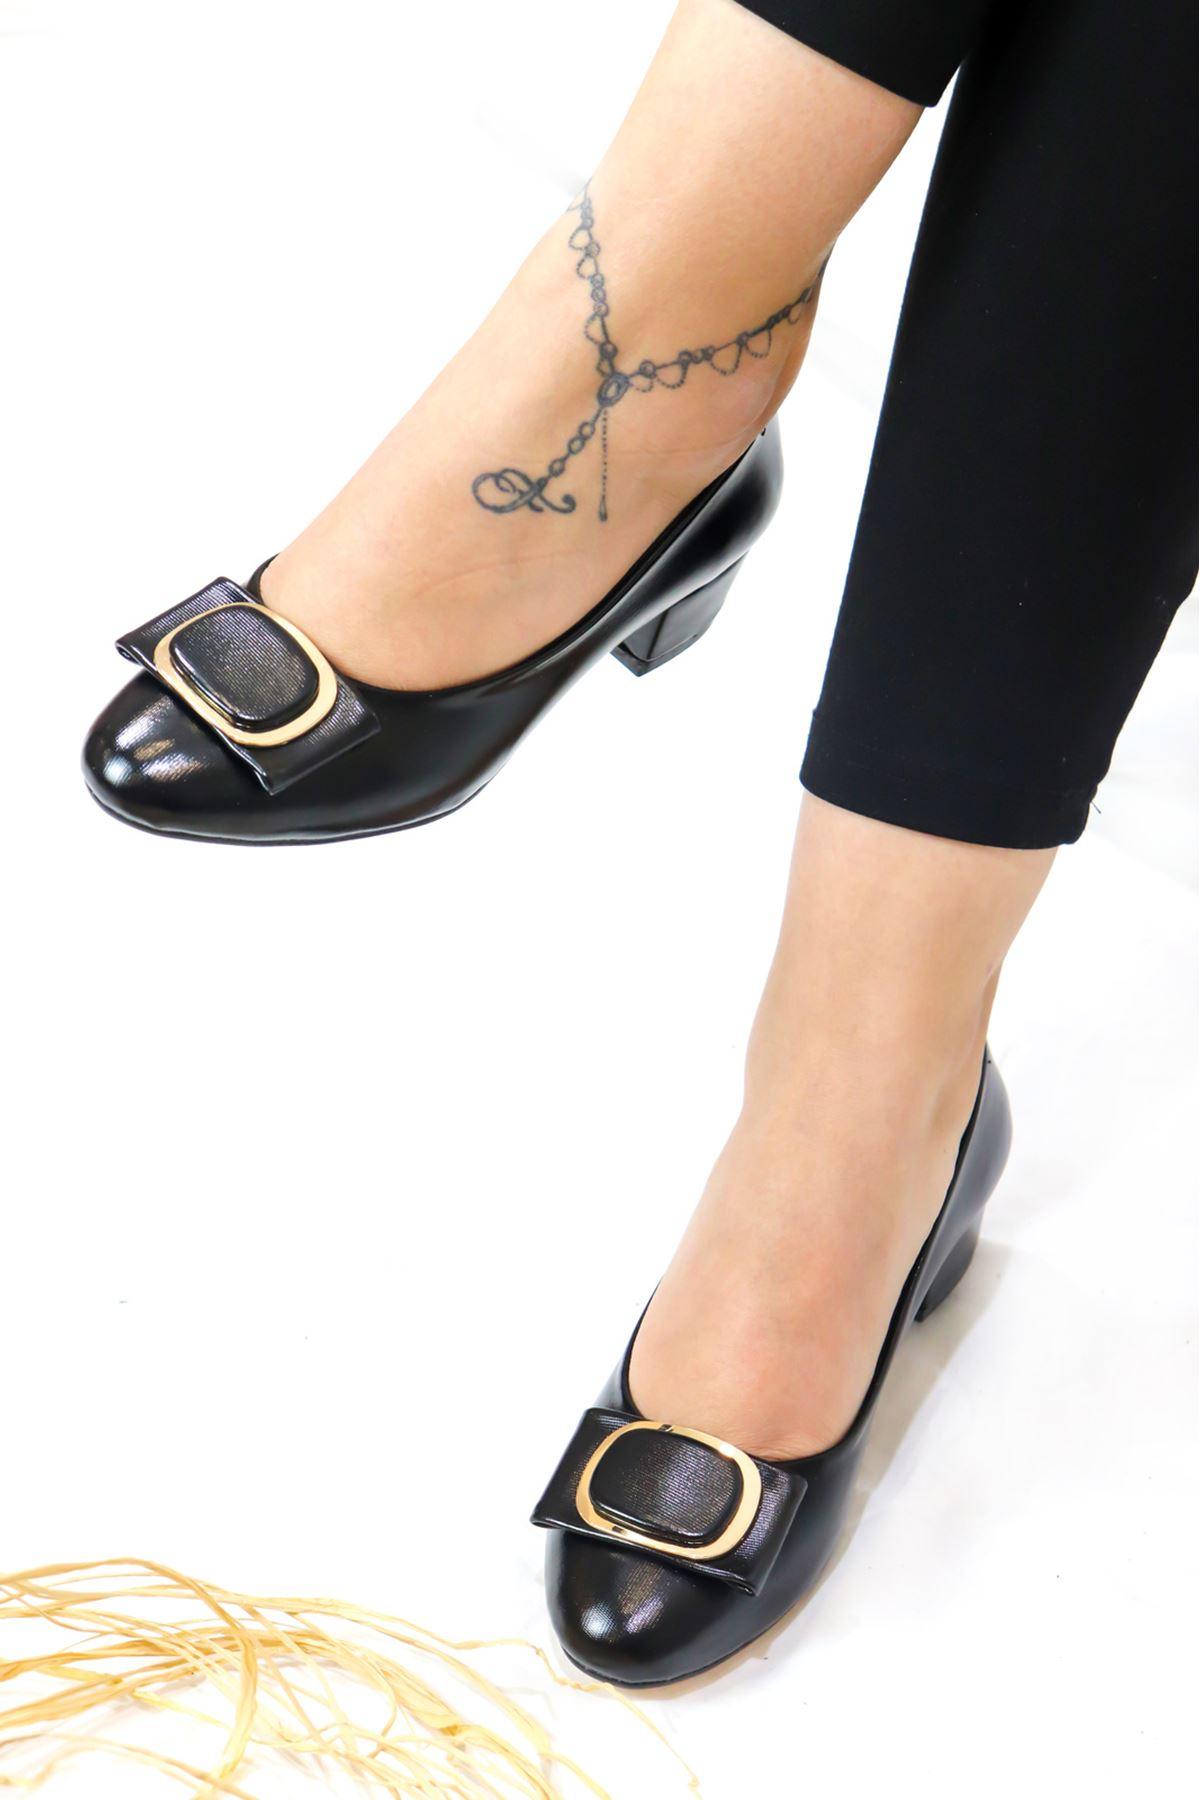 Trendayakkabı - 3 Siyah Kadın Topuklu Ayakkabı